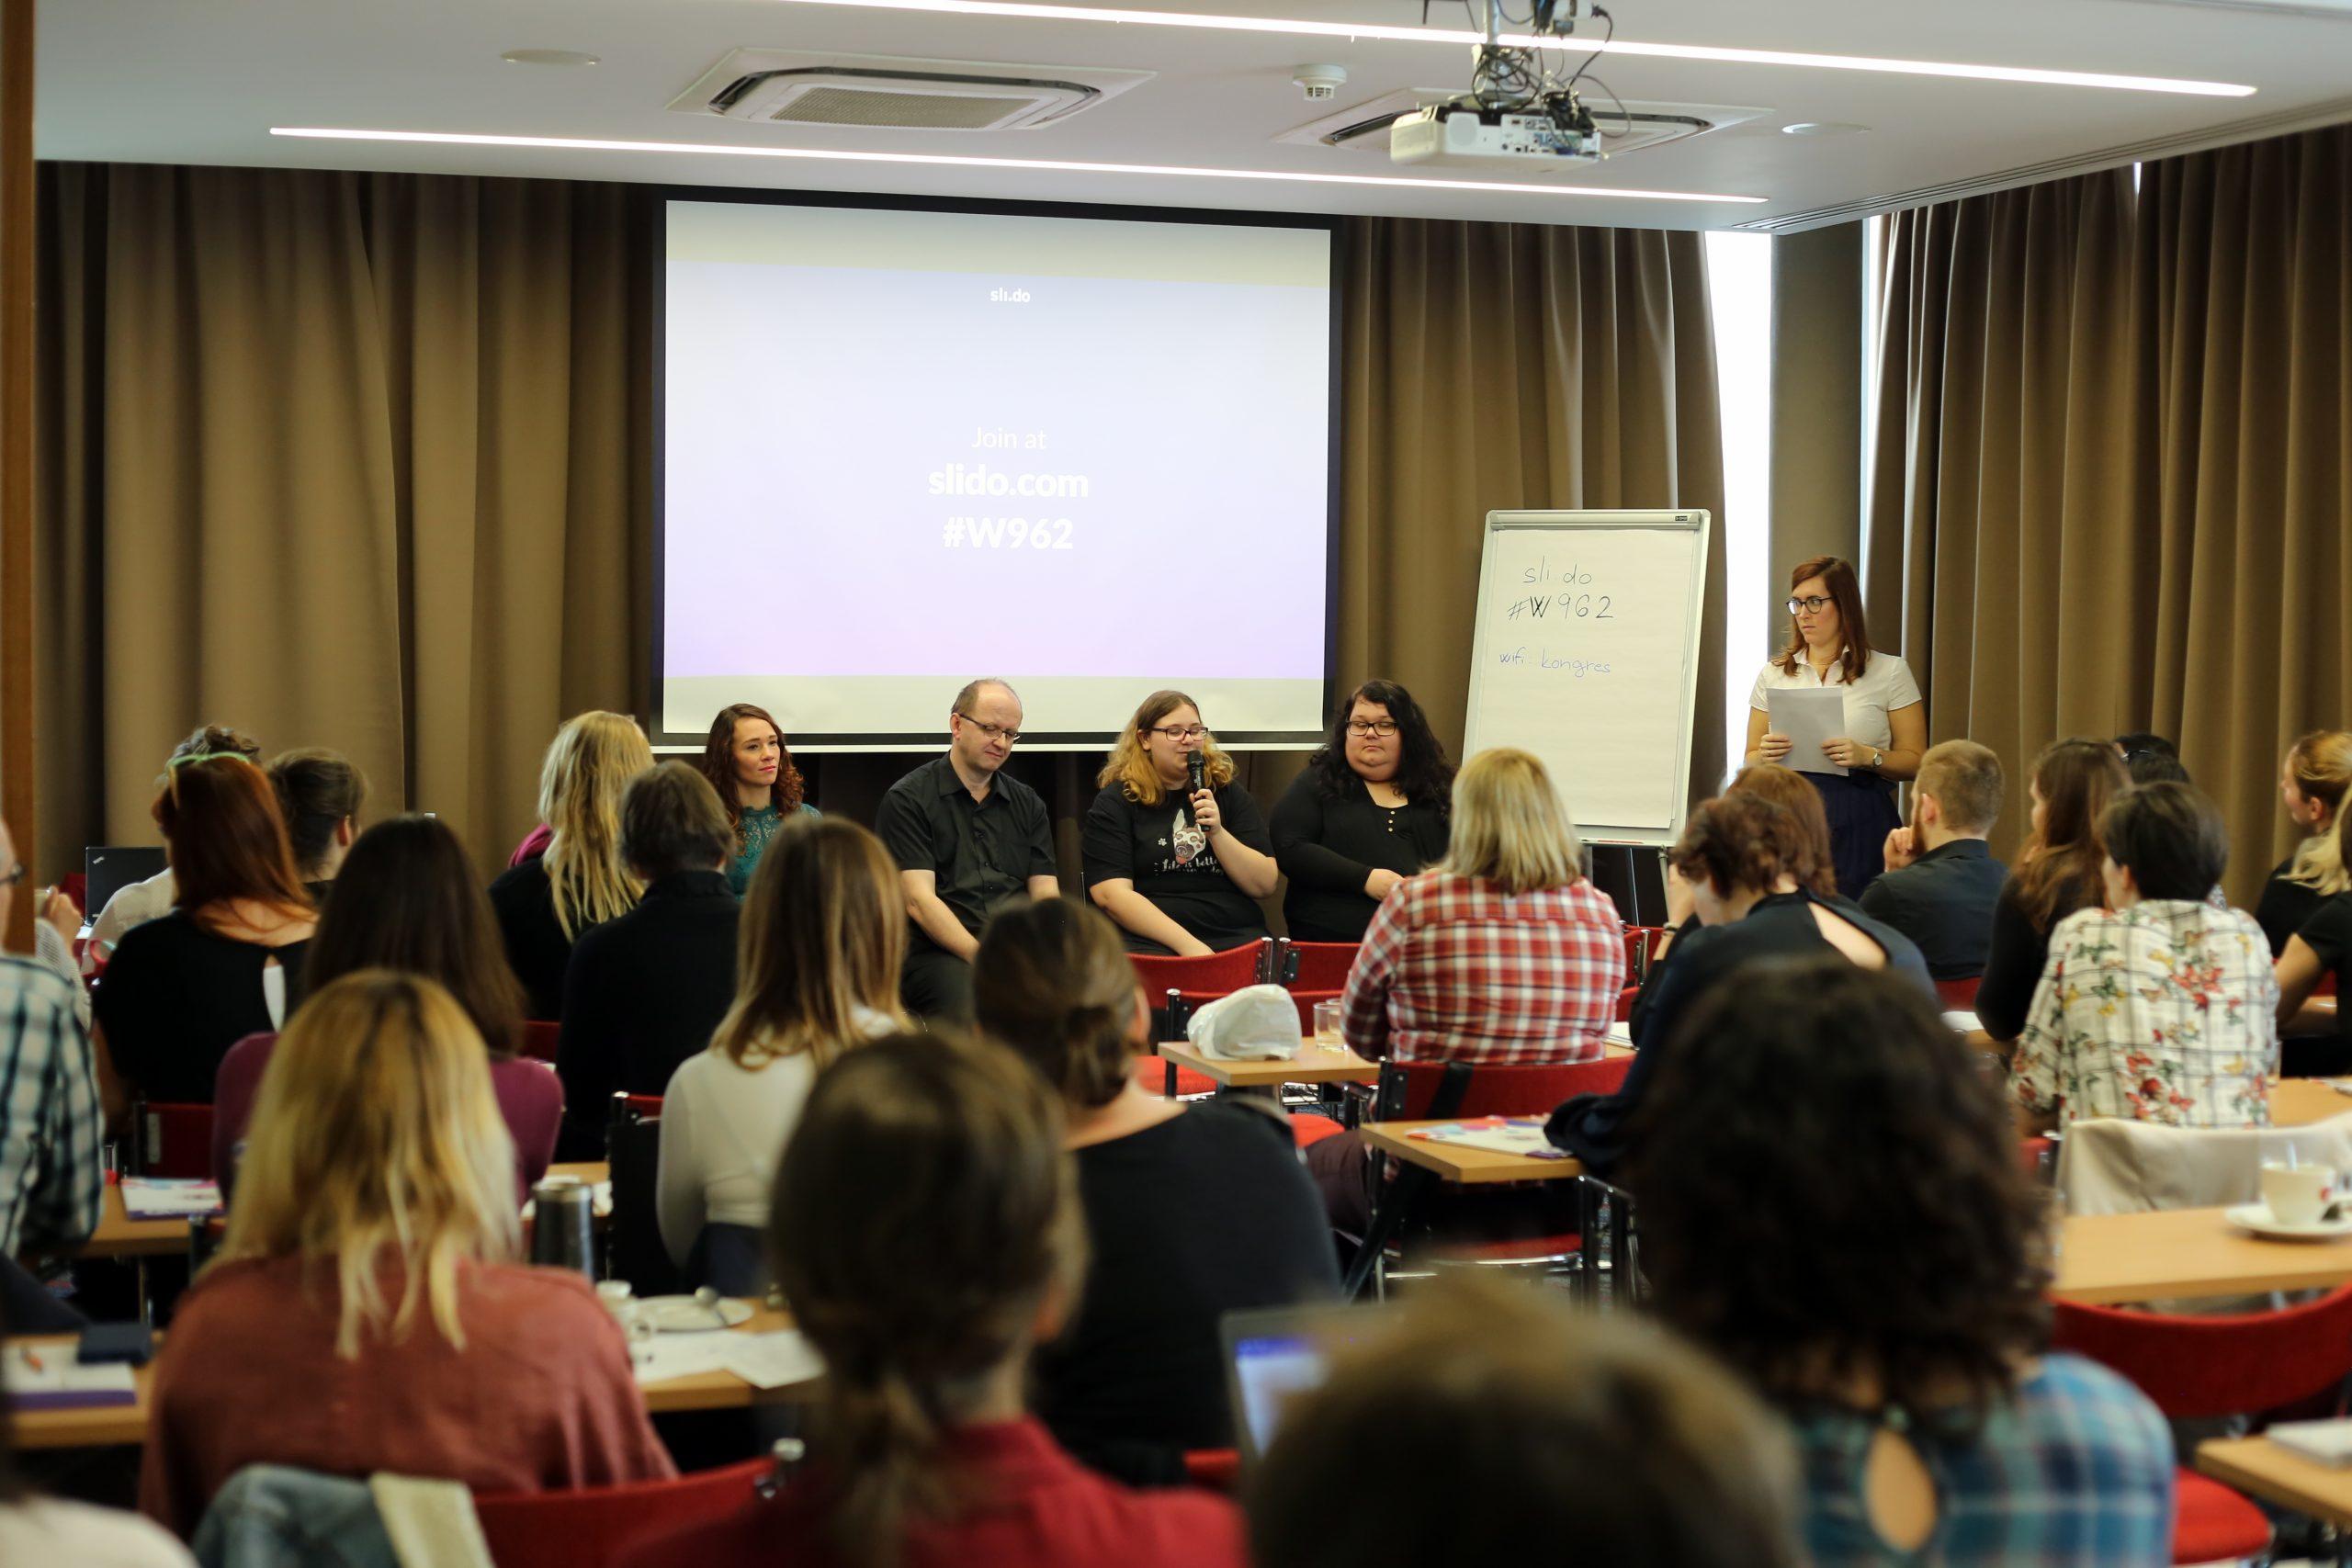 Expertní setkání jako inovativní přístup v rámci sociálně právní ochrany dětí